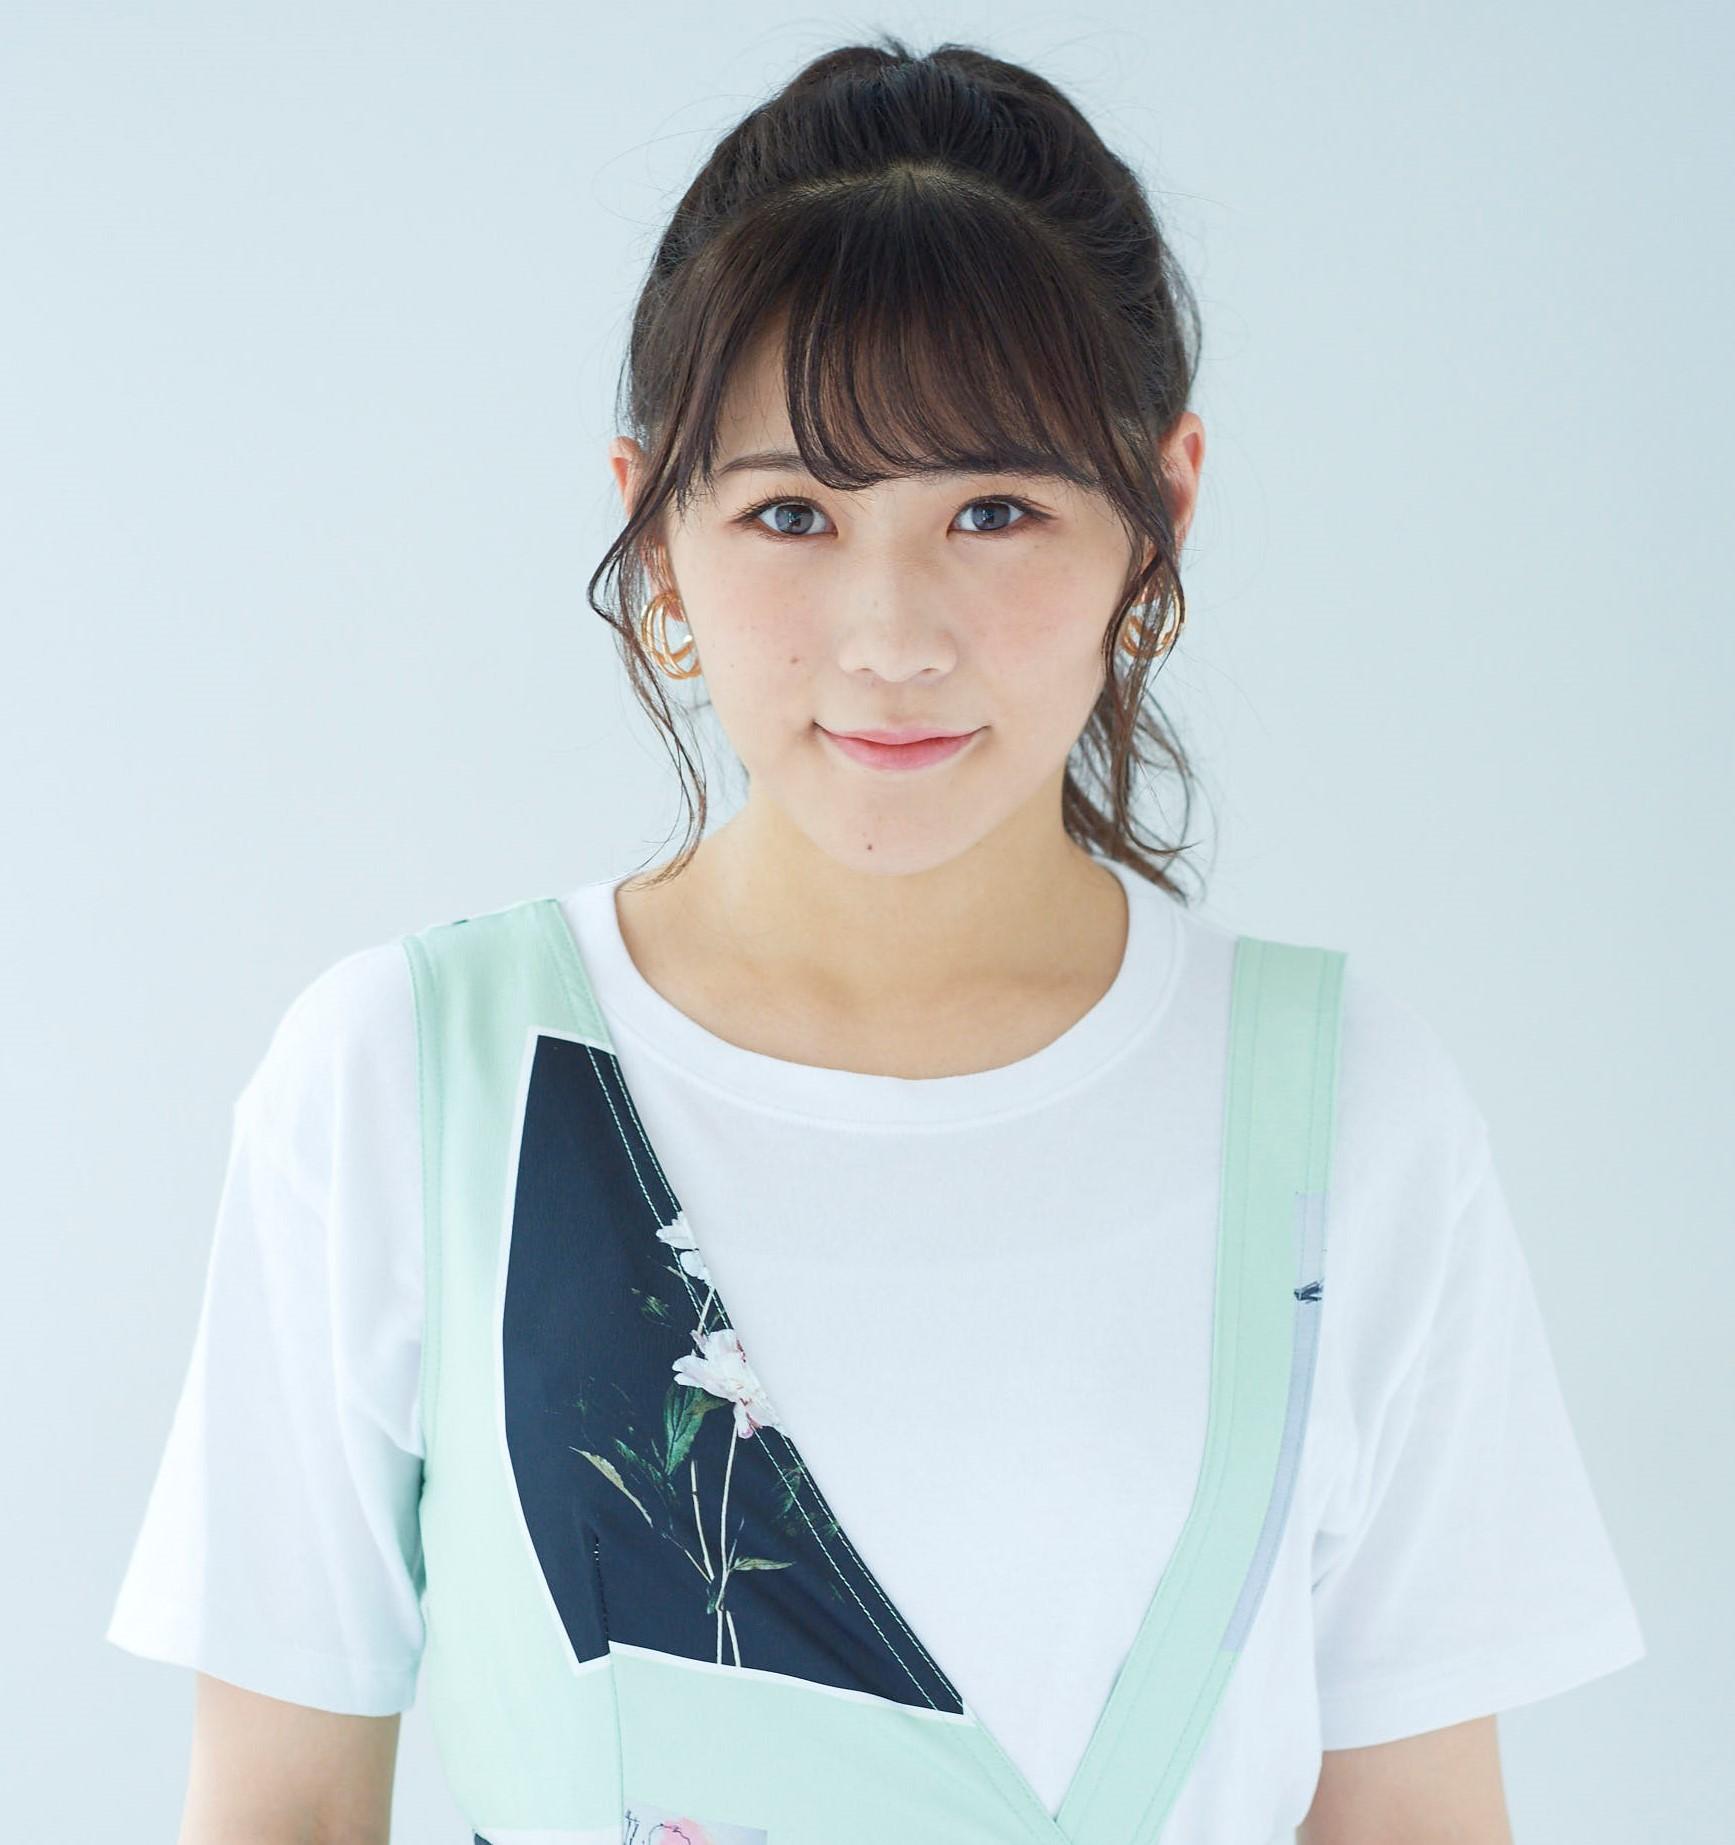 【西野 未姫】width=